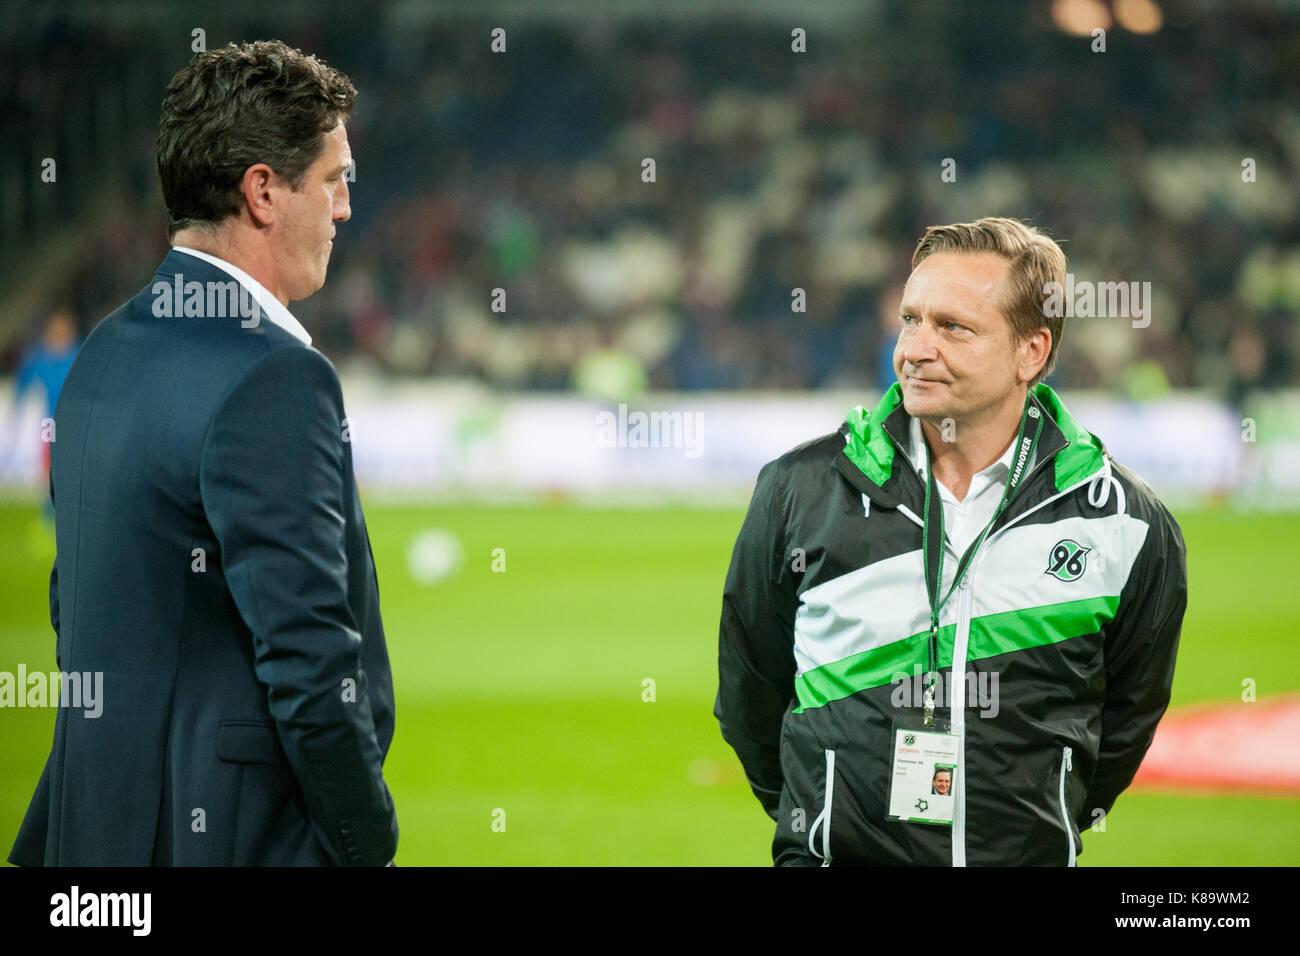 Heldt Hamburg jens todt li sportchef hh und horst heldt manager h reden